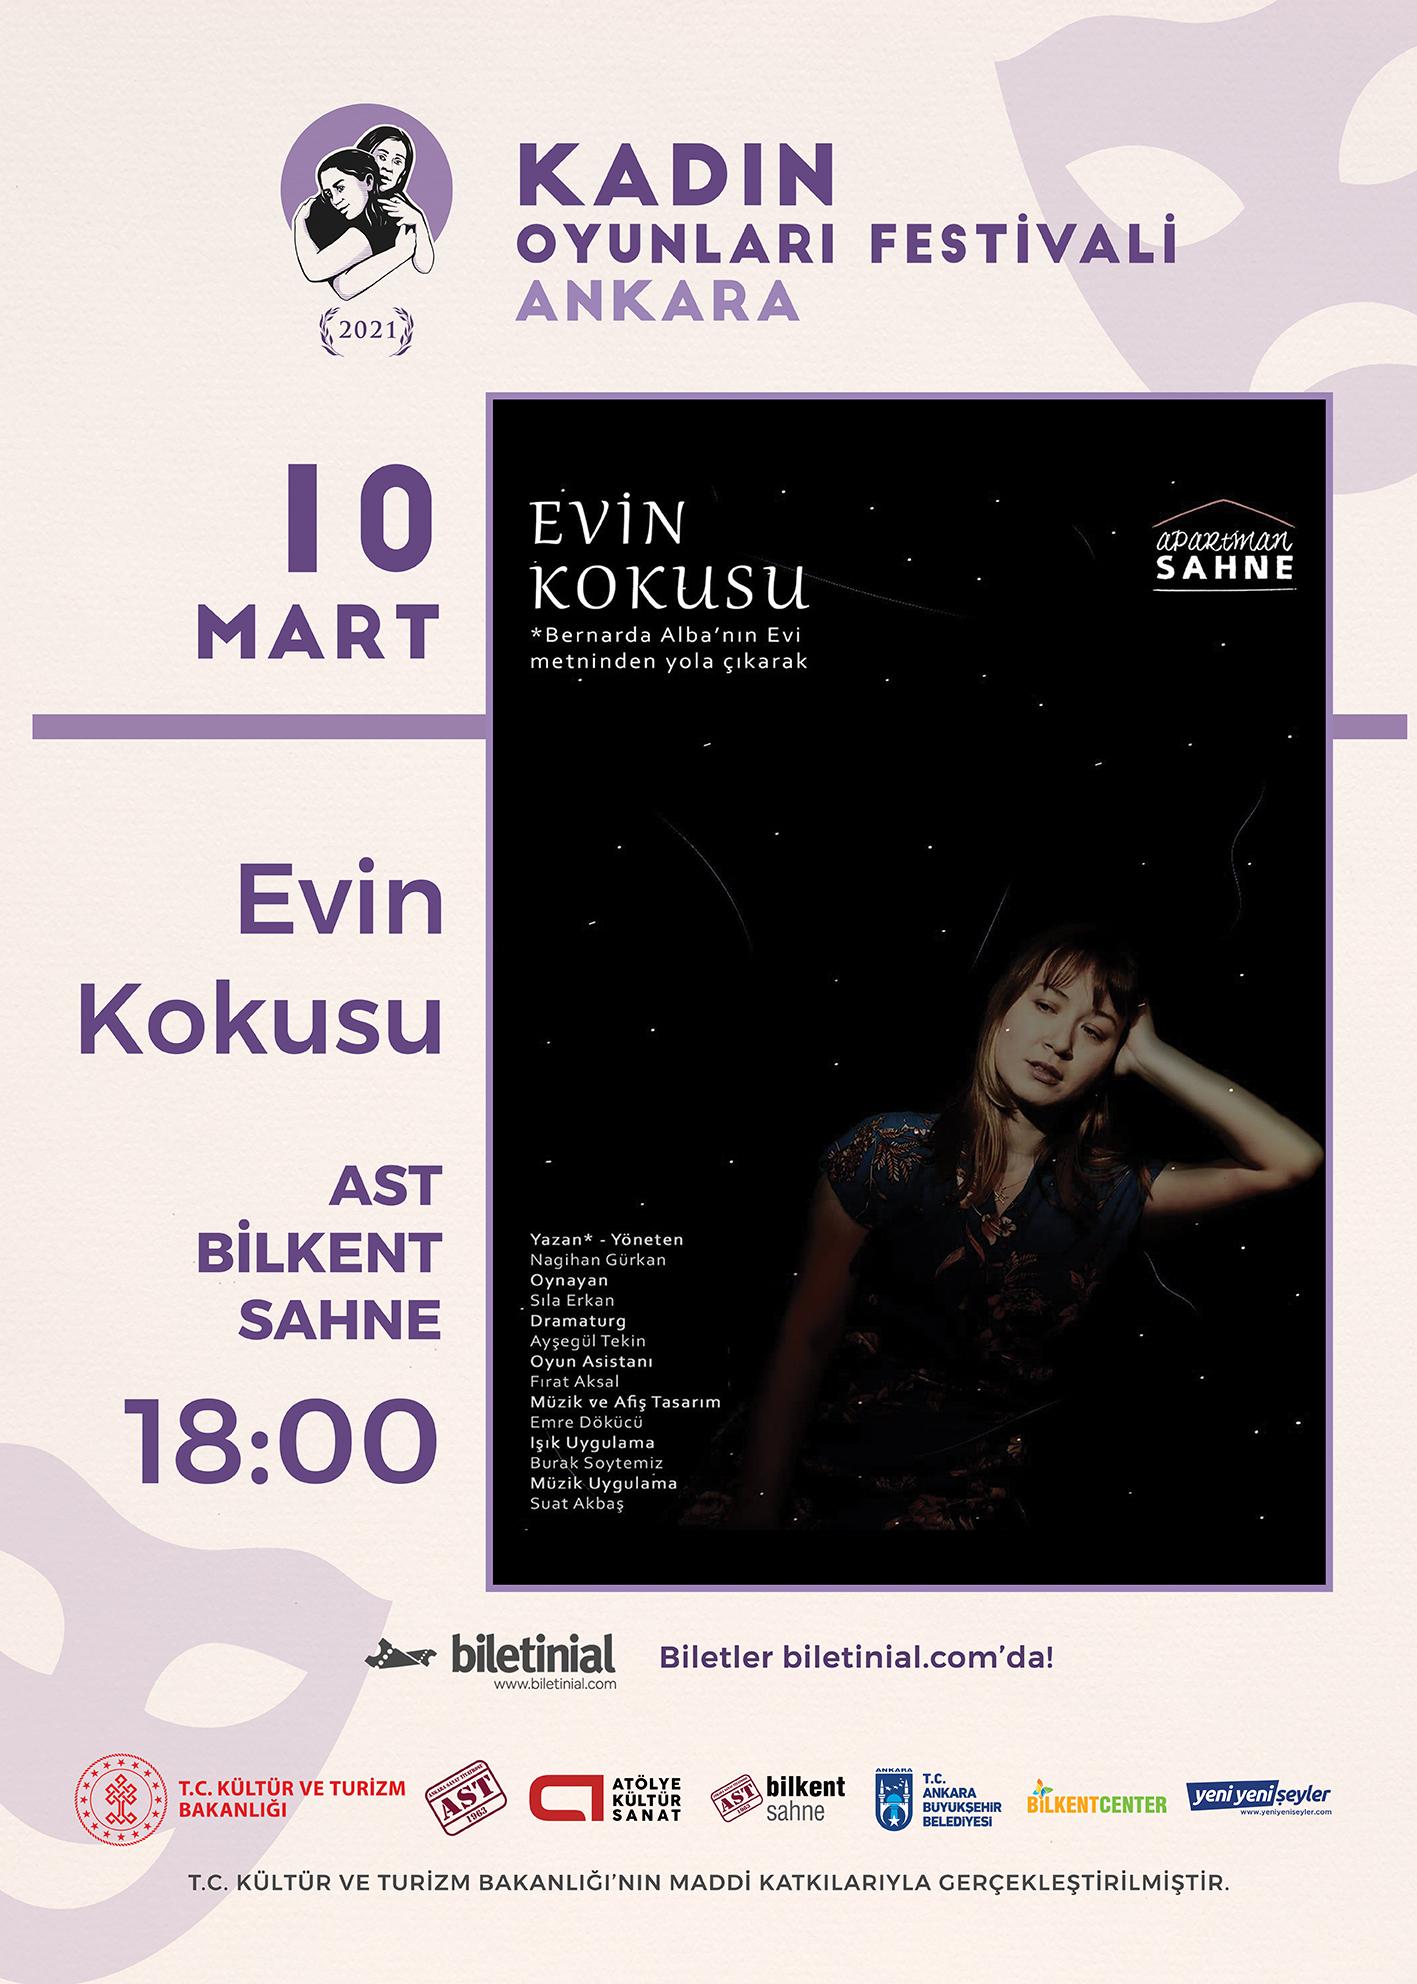 KTB - KOF 2021 Ankara - 10 Mart - Evin Kokusu